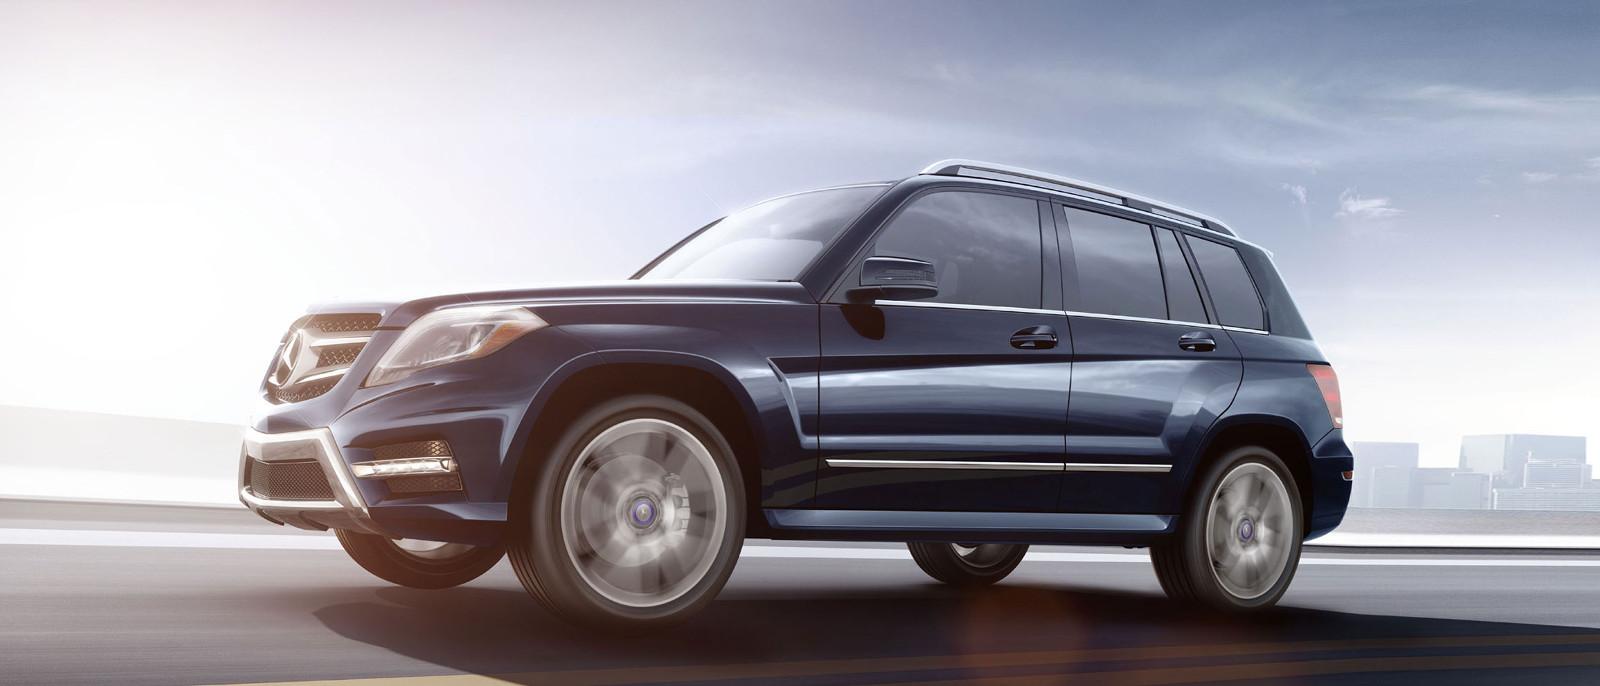 2015 Mercedes-Benz GLK Exterior